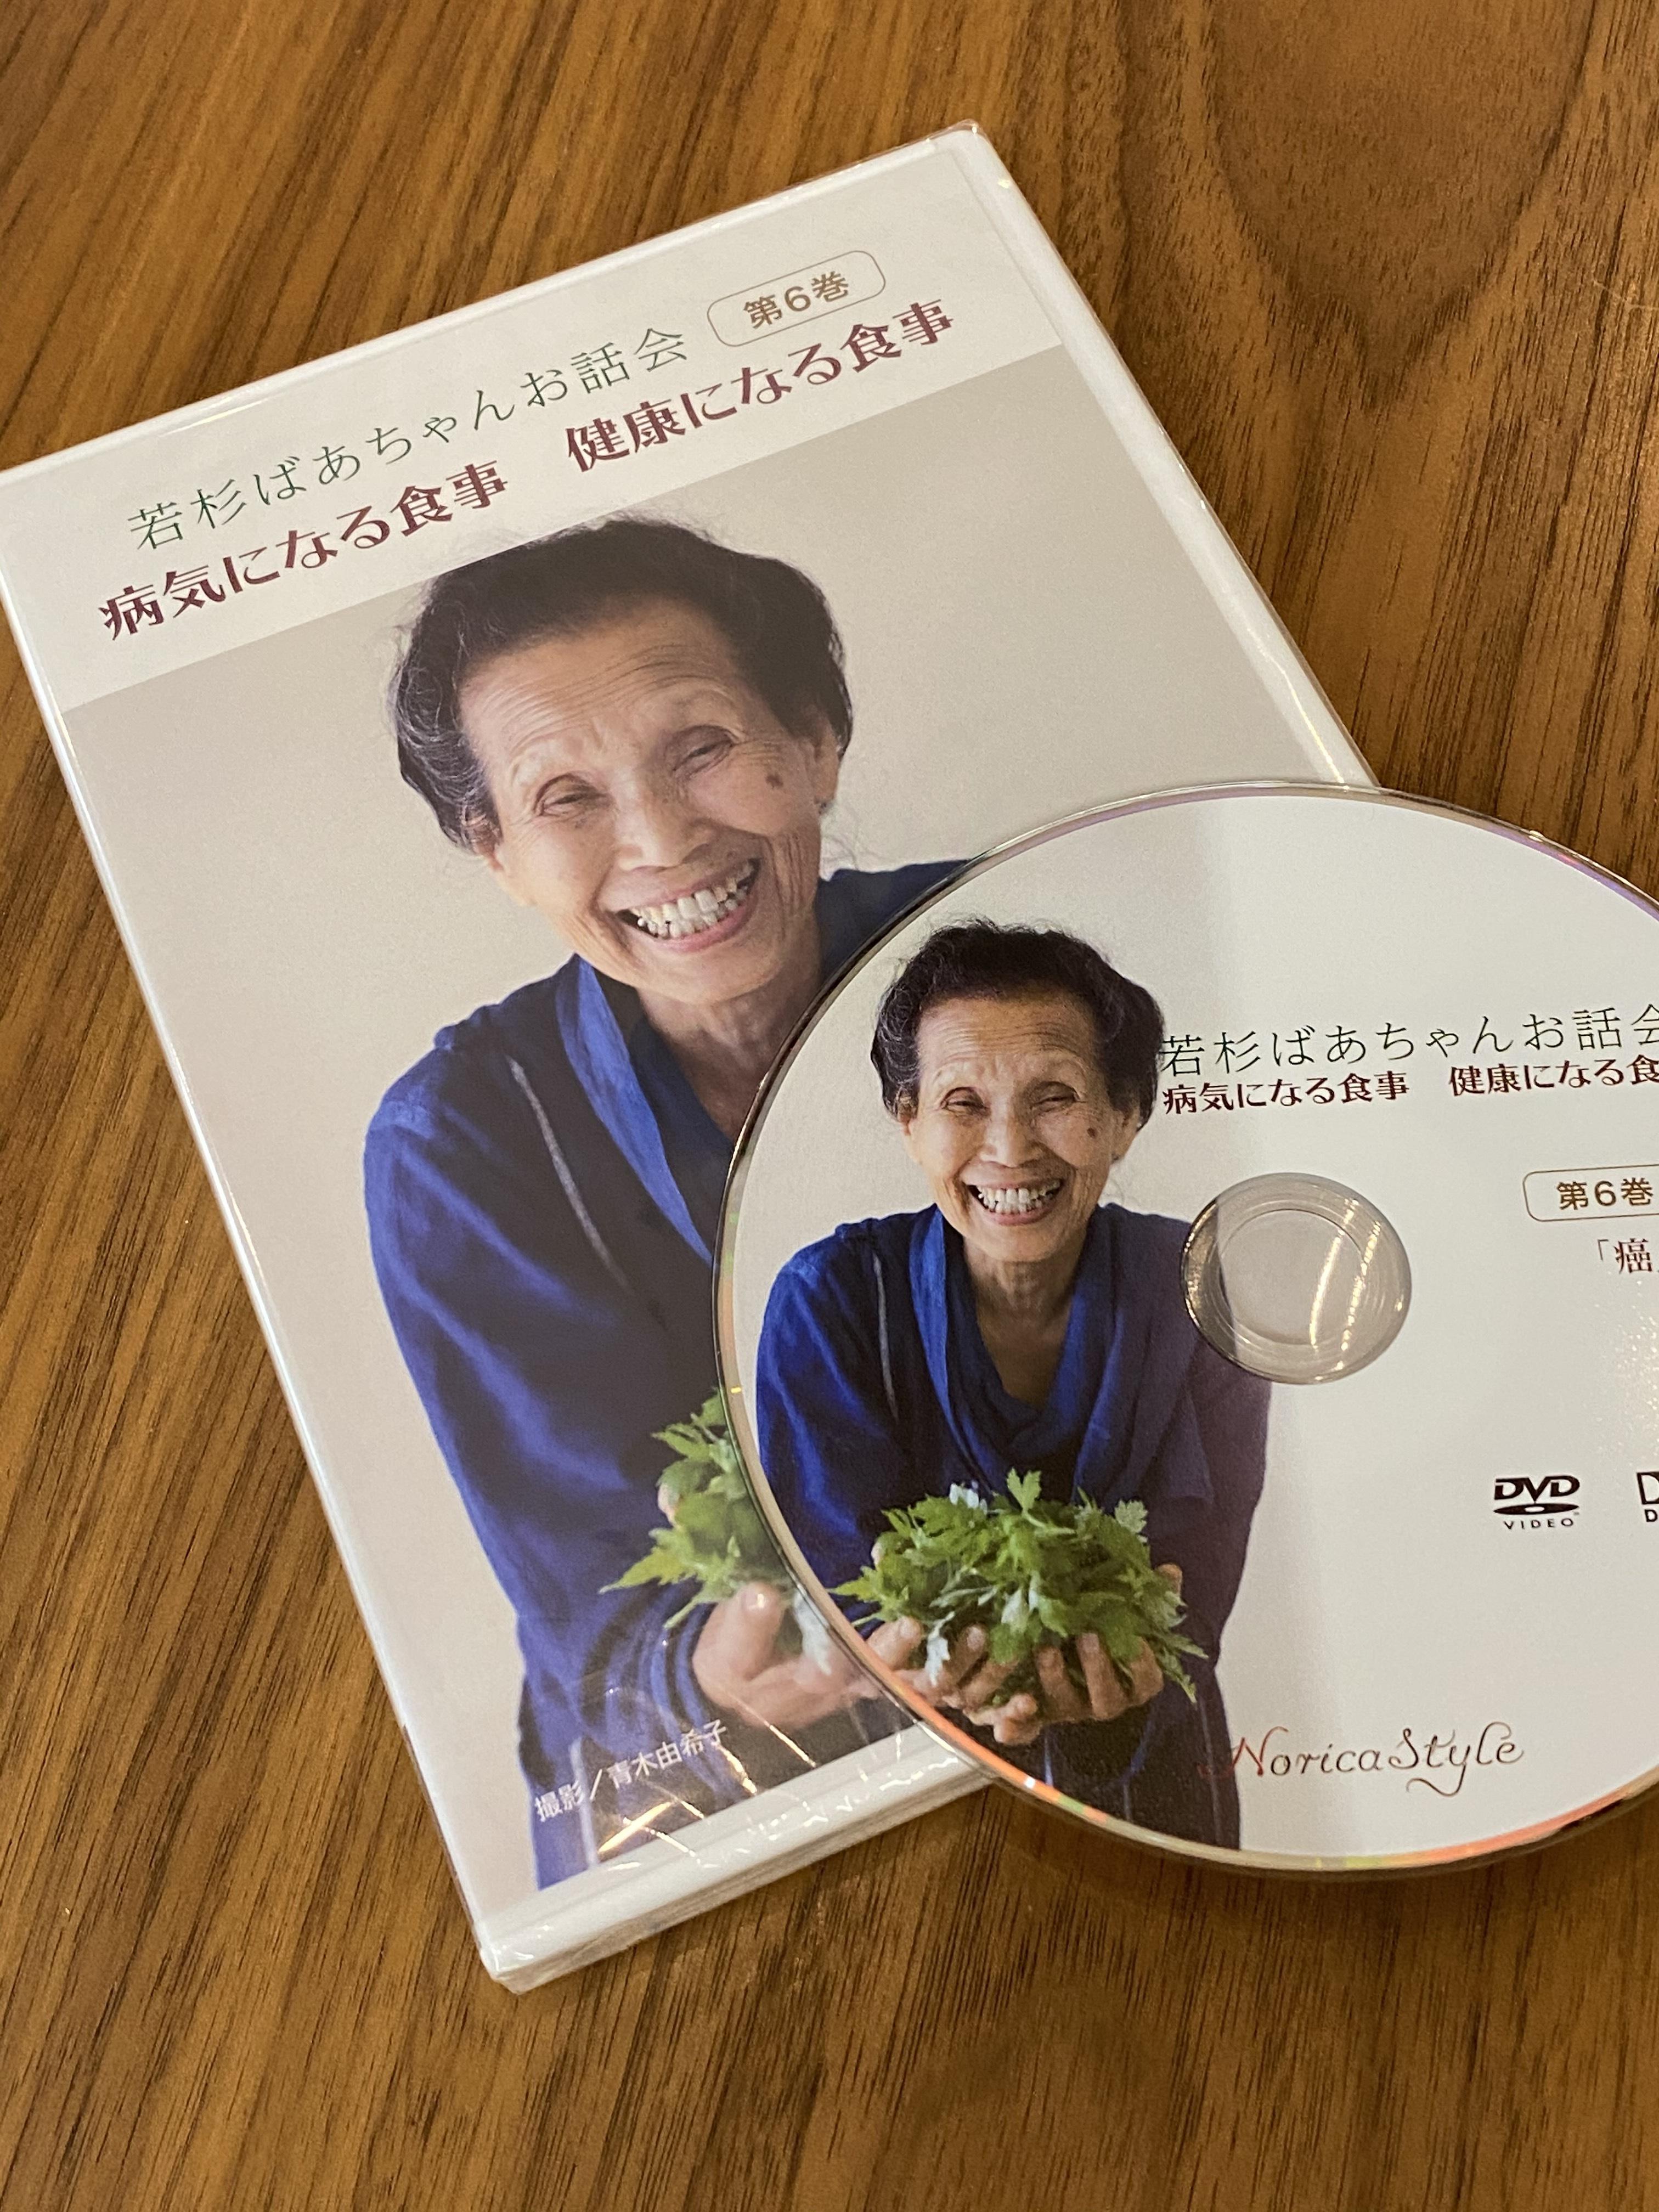 若杉ばあちゃんお話会DVD                 「病気になる食事・健康になる食事」第6巻(最終巻)